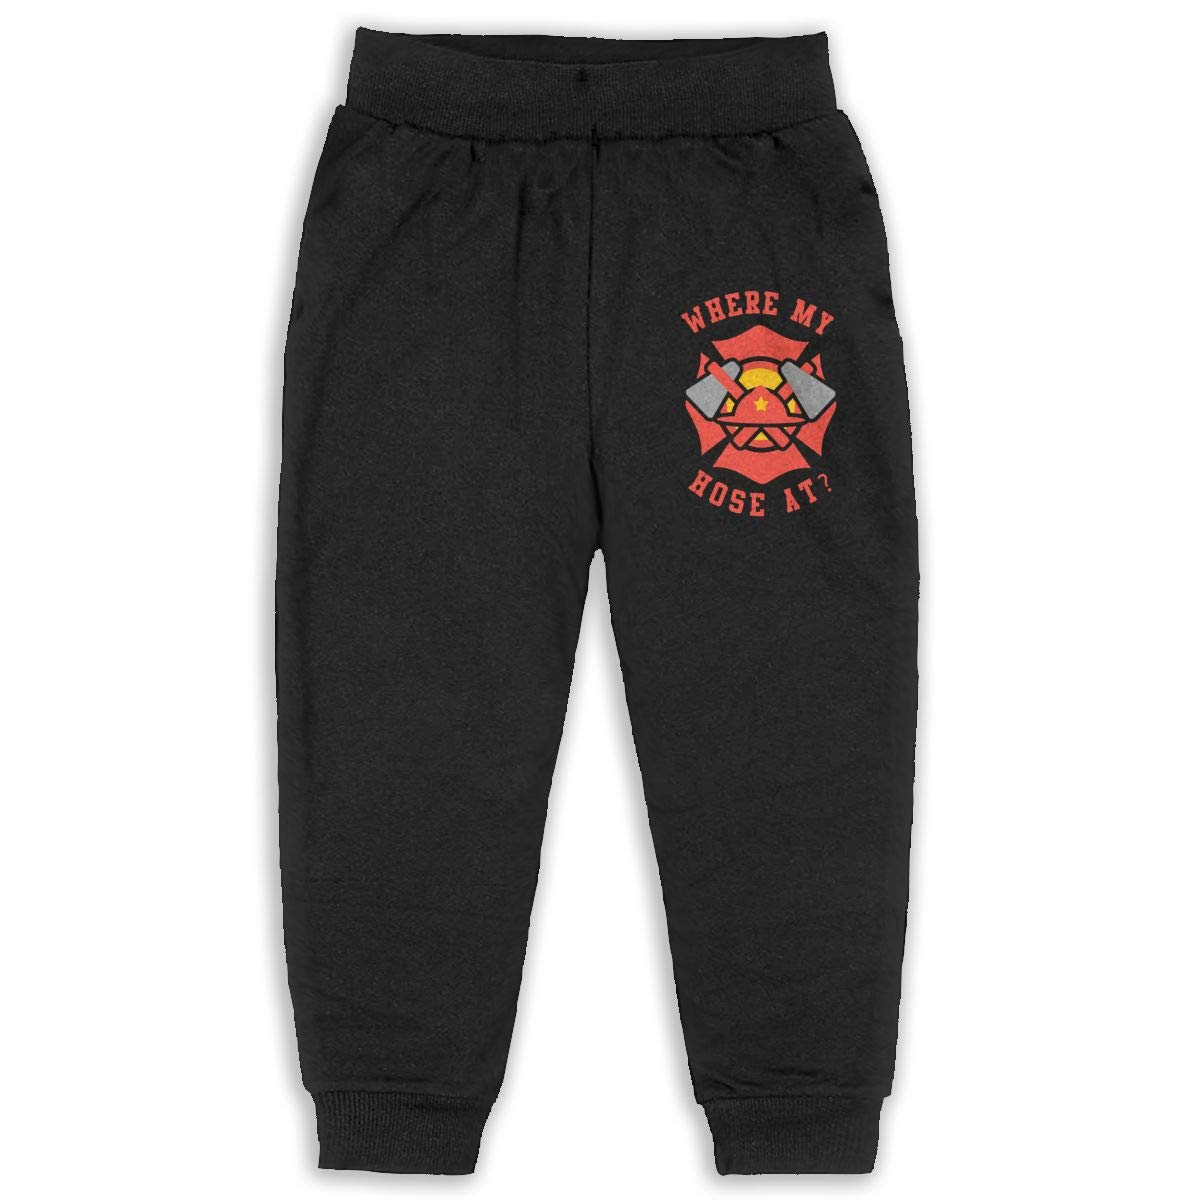 Laoyaotequ Where My Hose at Fireman Kids Cotton Sweatpants,Jogger Long Jersey Sweatpants